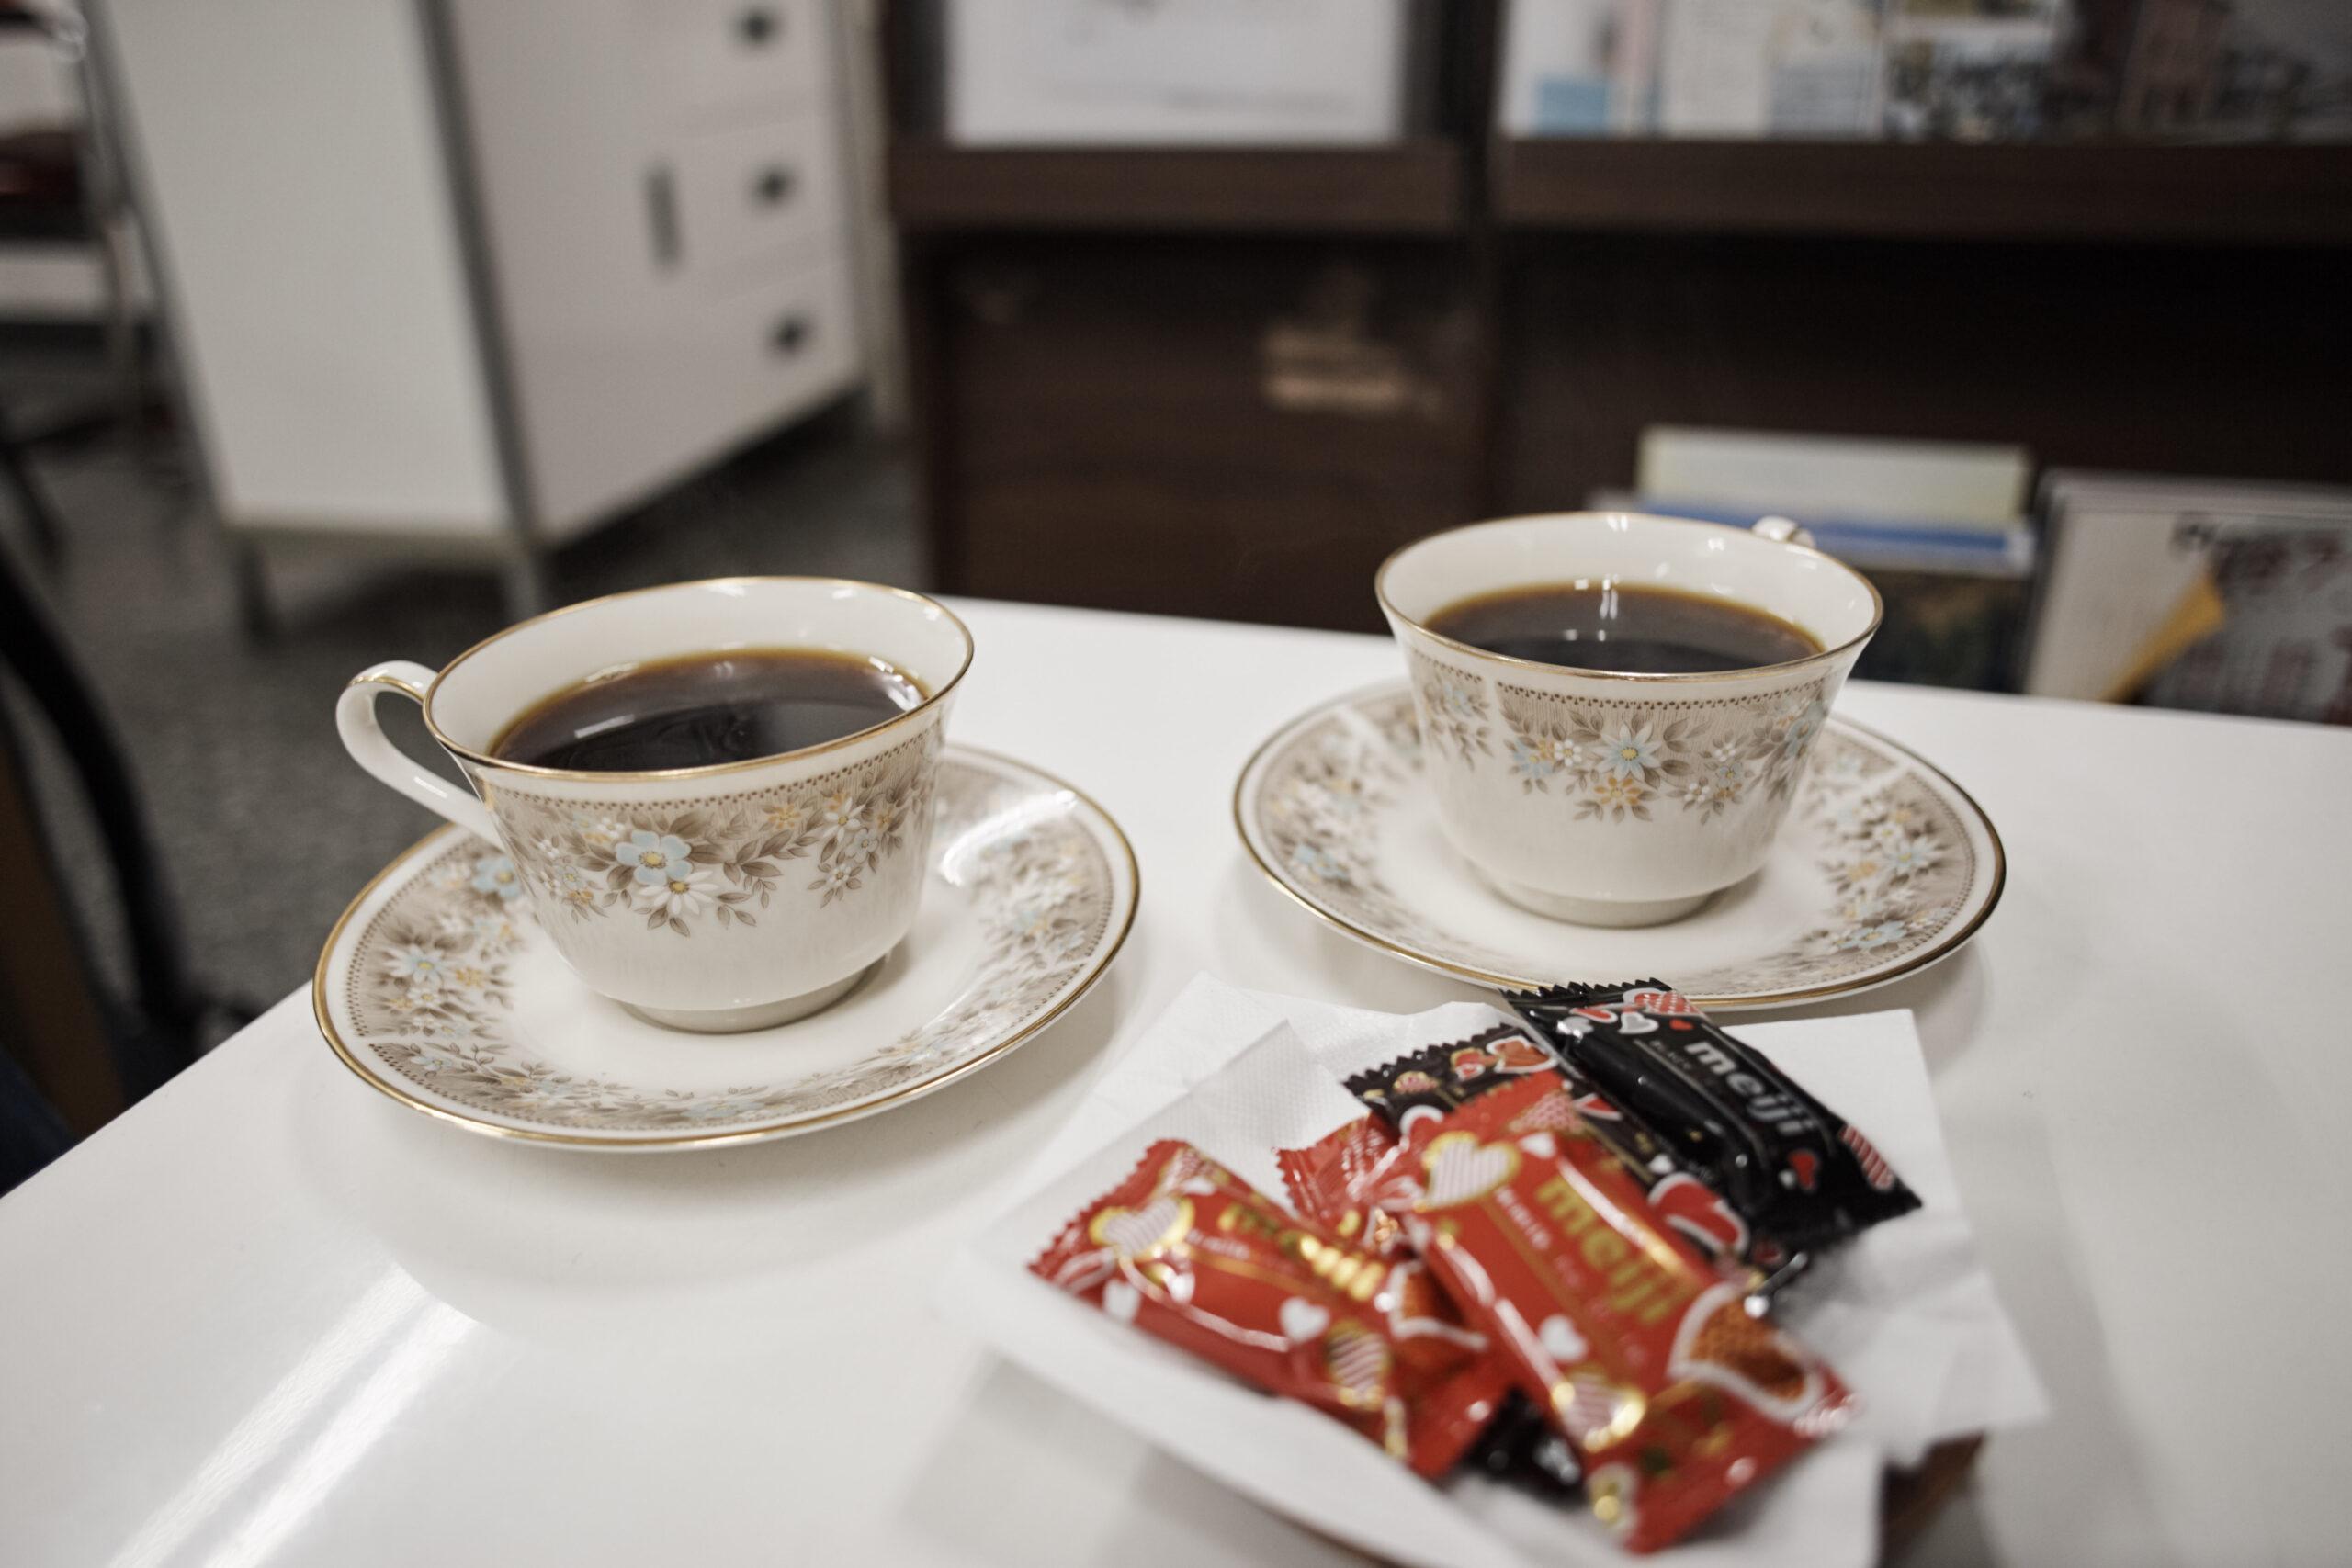 江沢さんのコーヒー